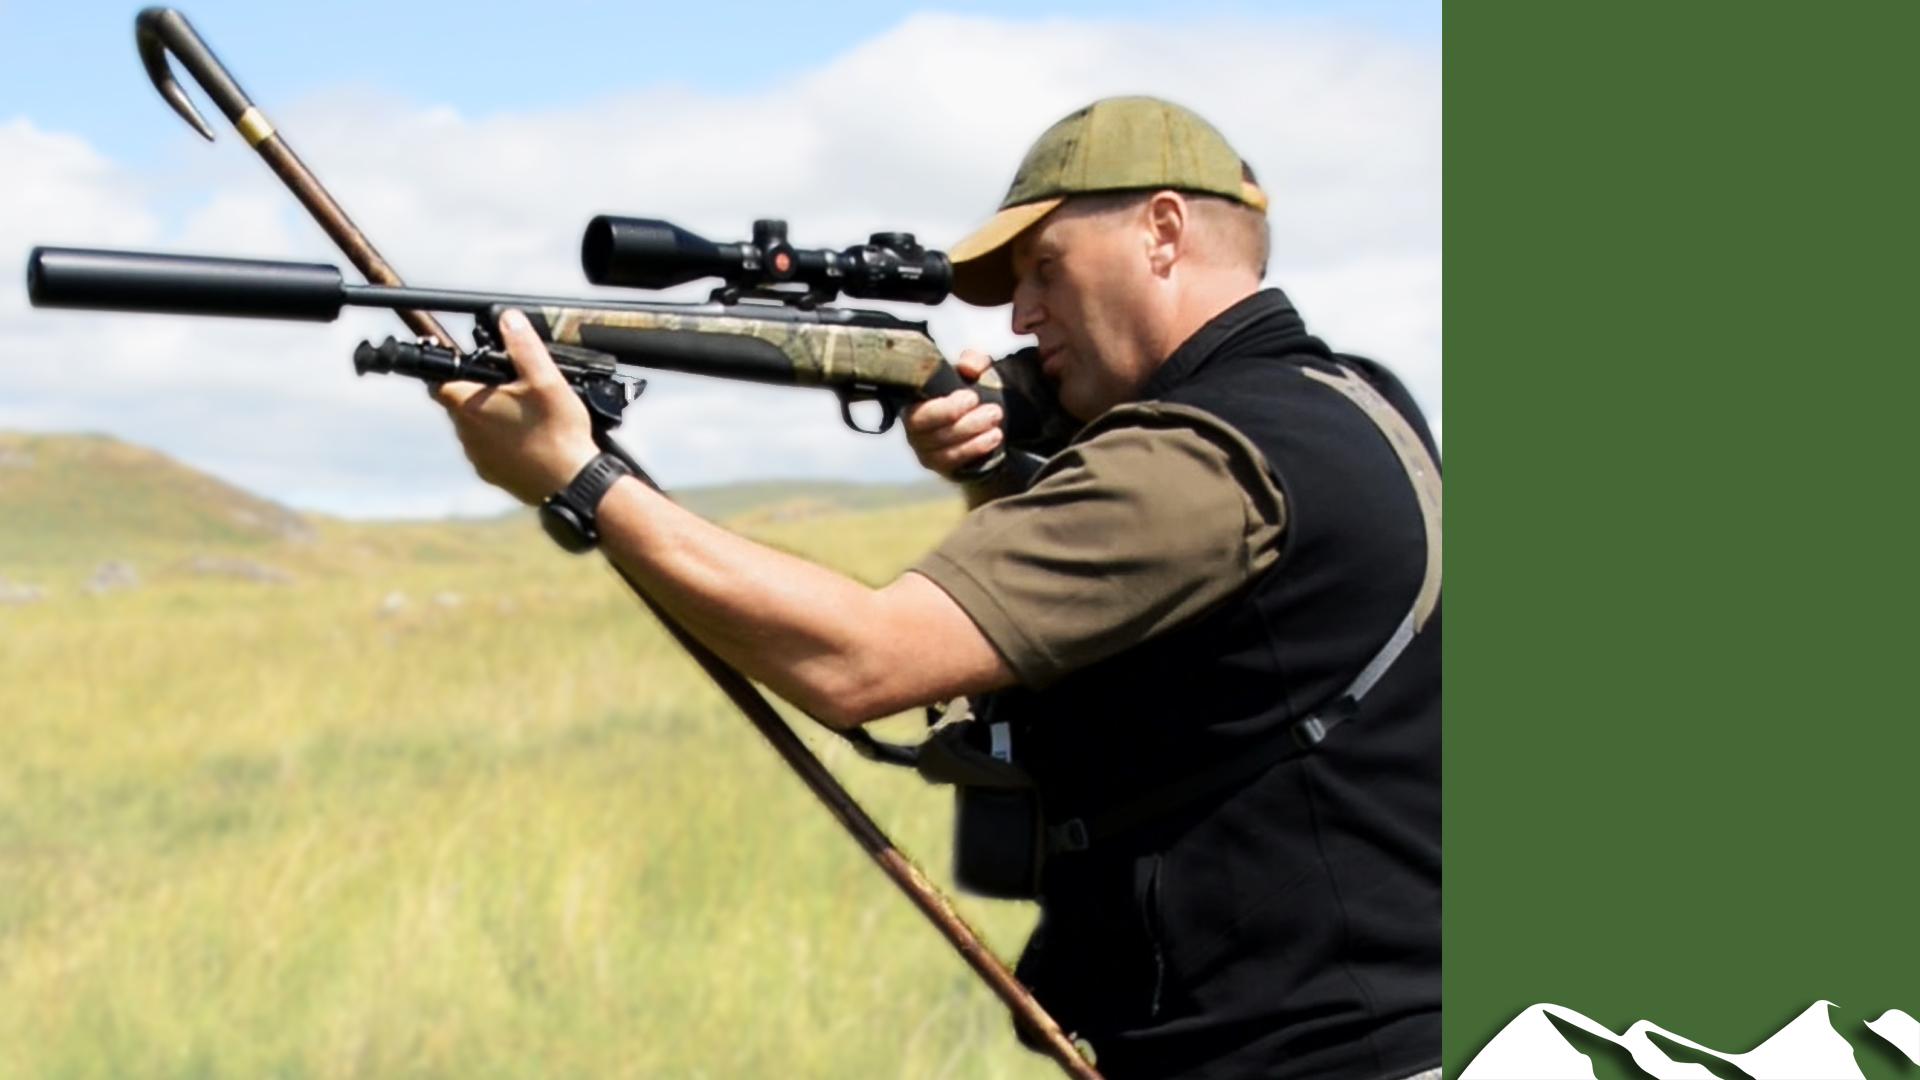 e451-shooting-sticks